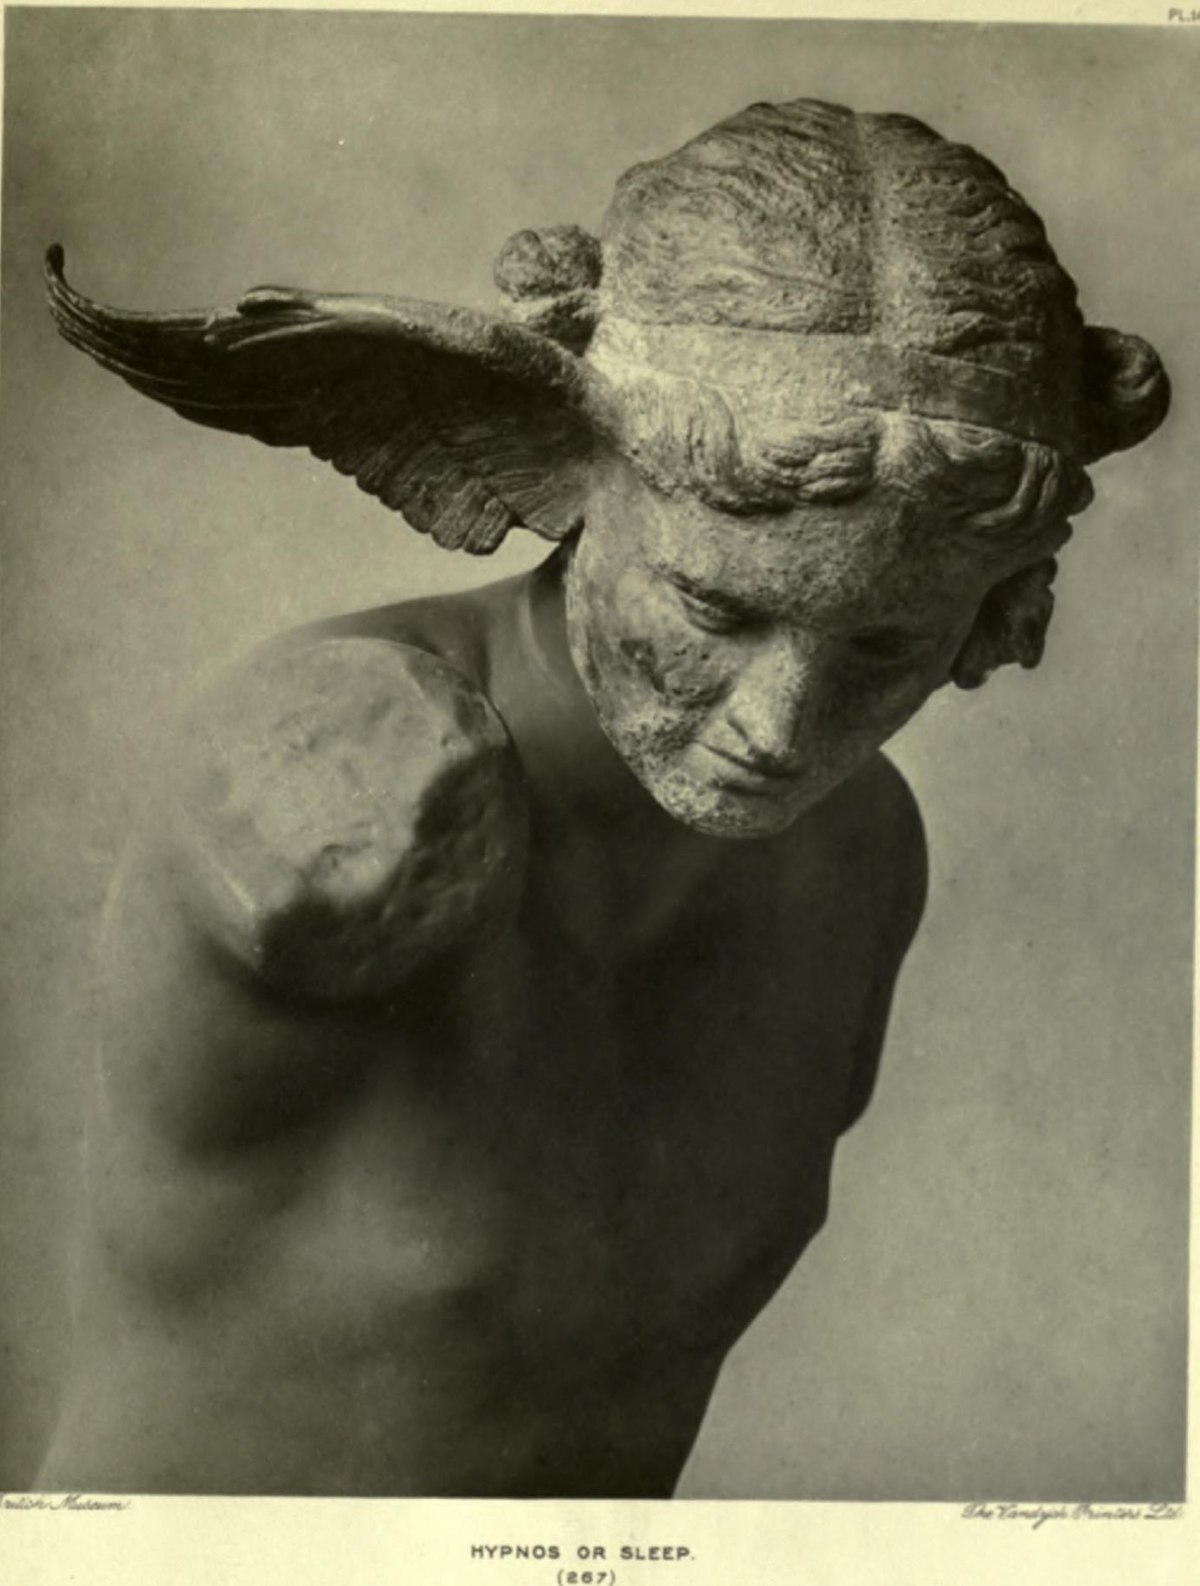 Древнегреческий бог гипнос